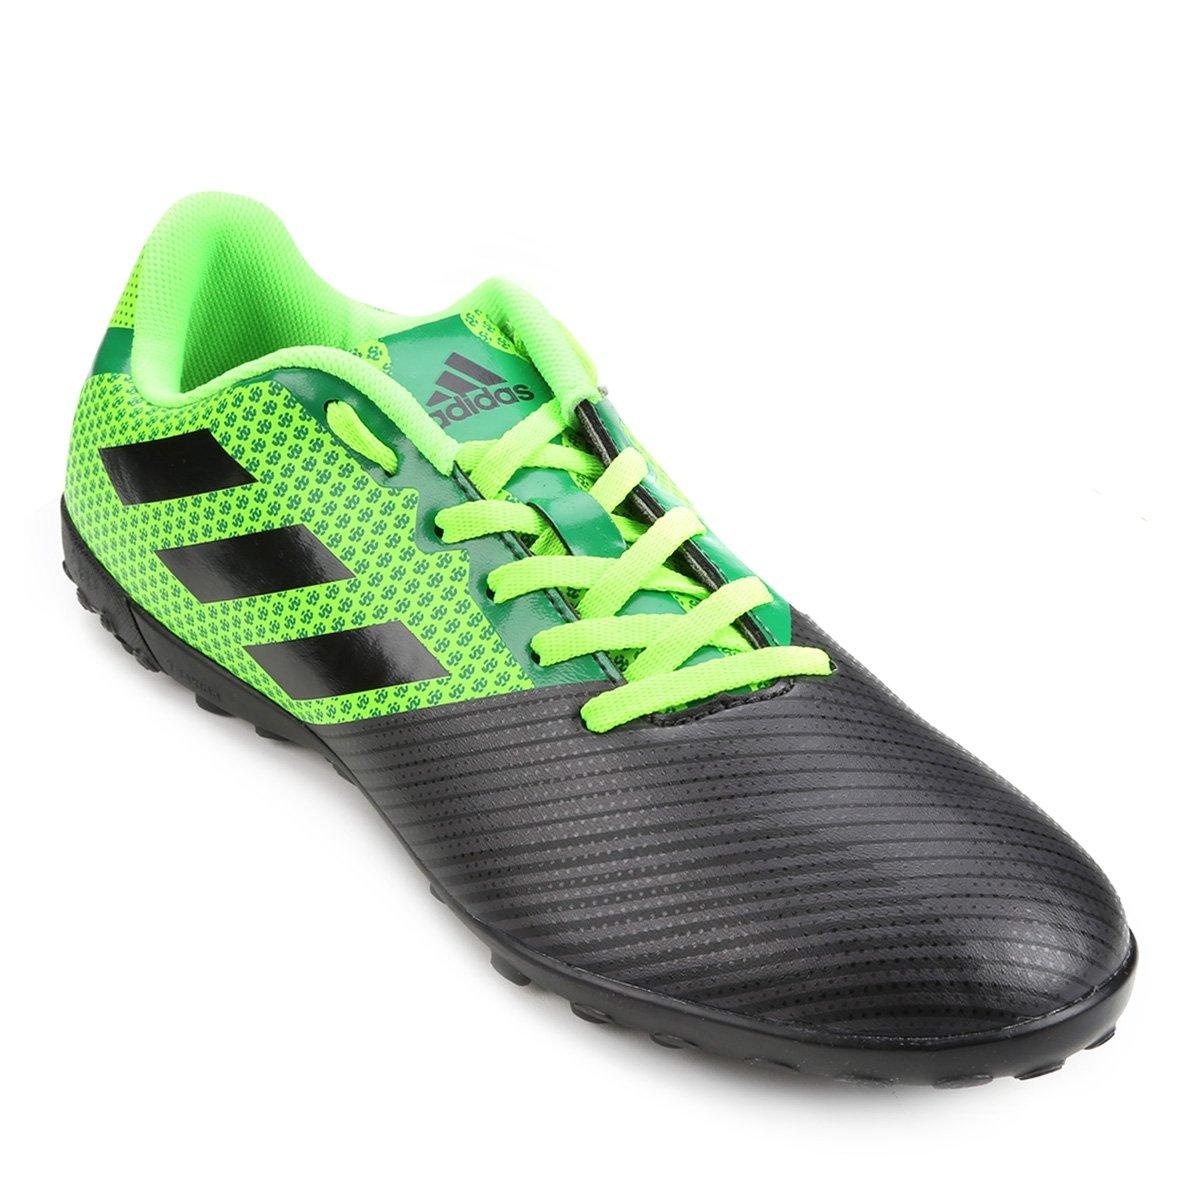 Chuteira Society Adidas Artilheira 17 TF - Verde e Preto - Compre ... 20941d1bc7af1